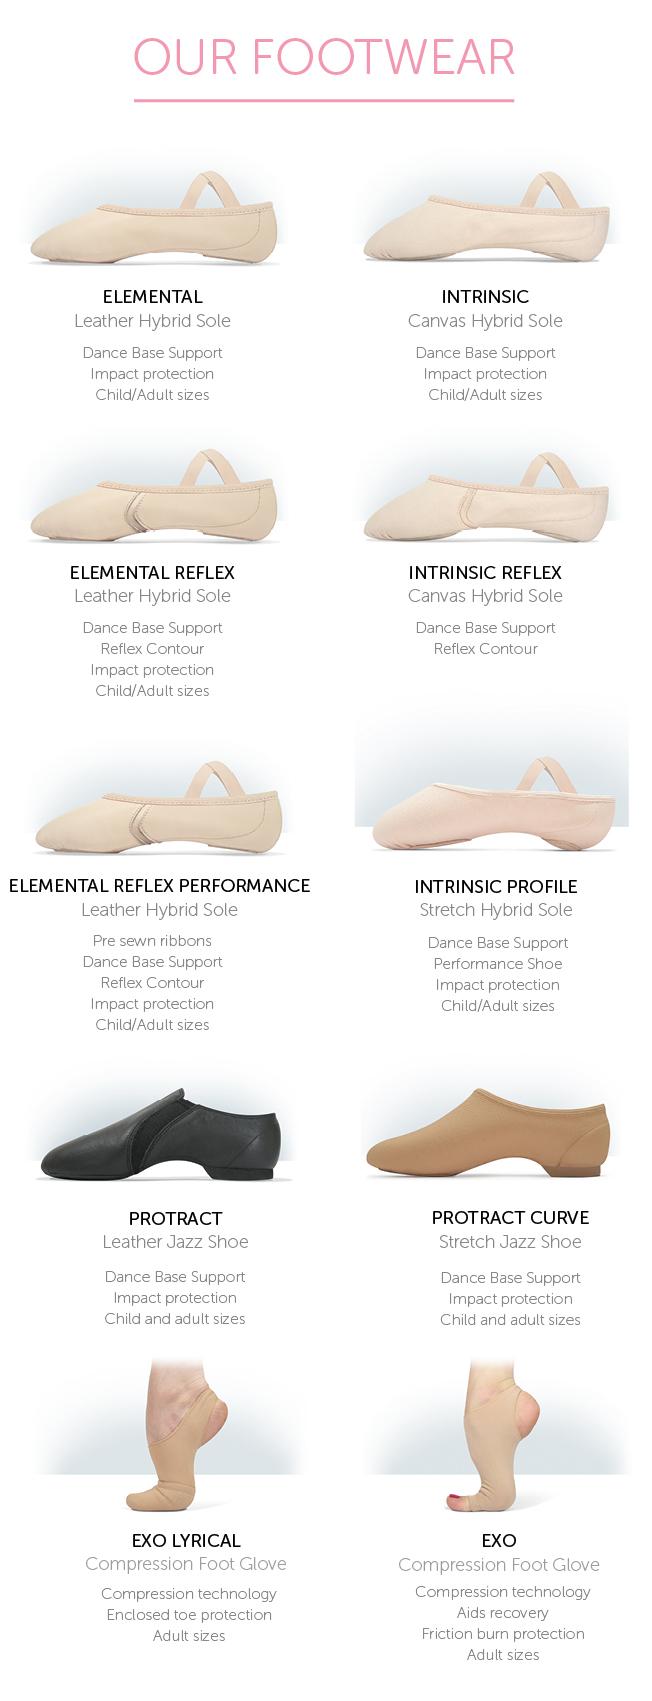 Our Footwear.jpg